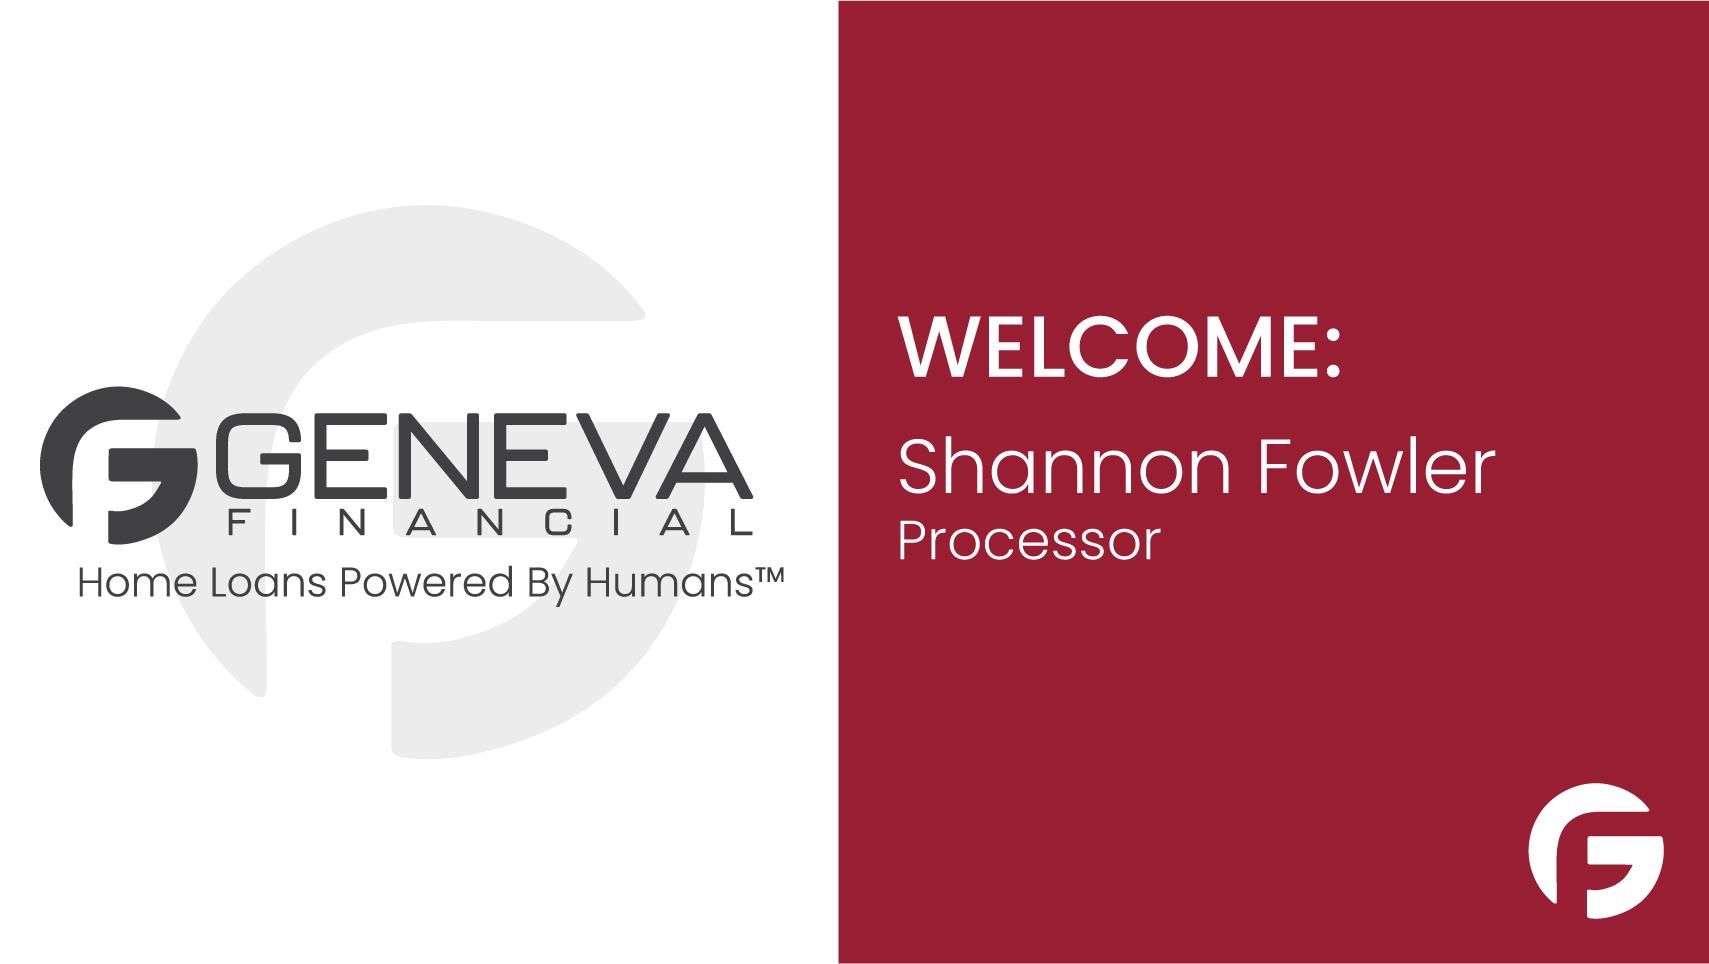 Shannon Fowler, Loan Processor in Chandler, AZ